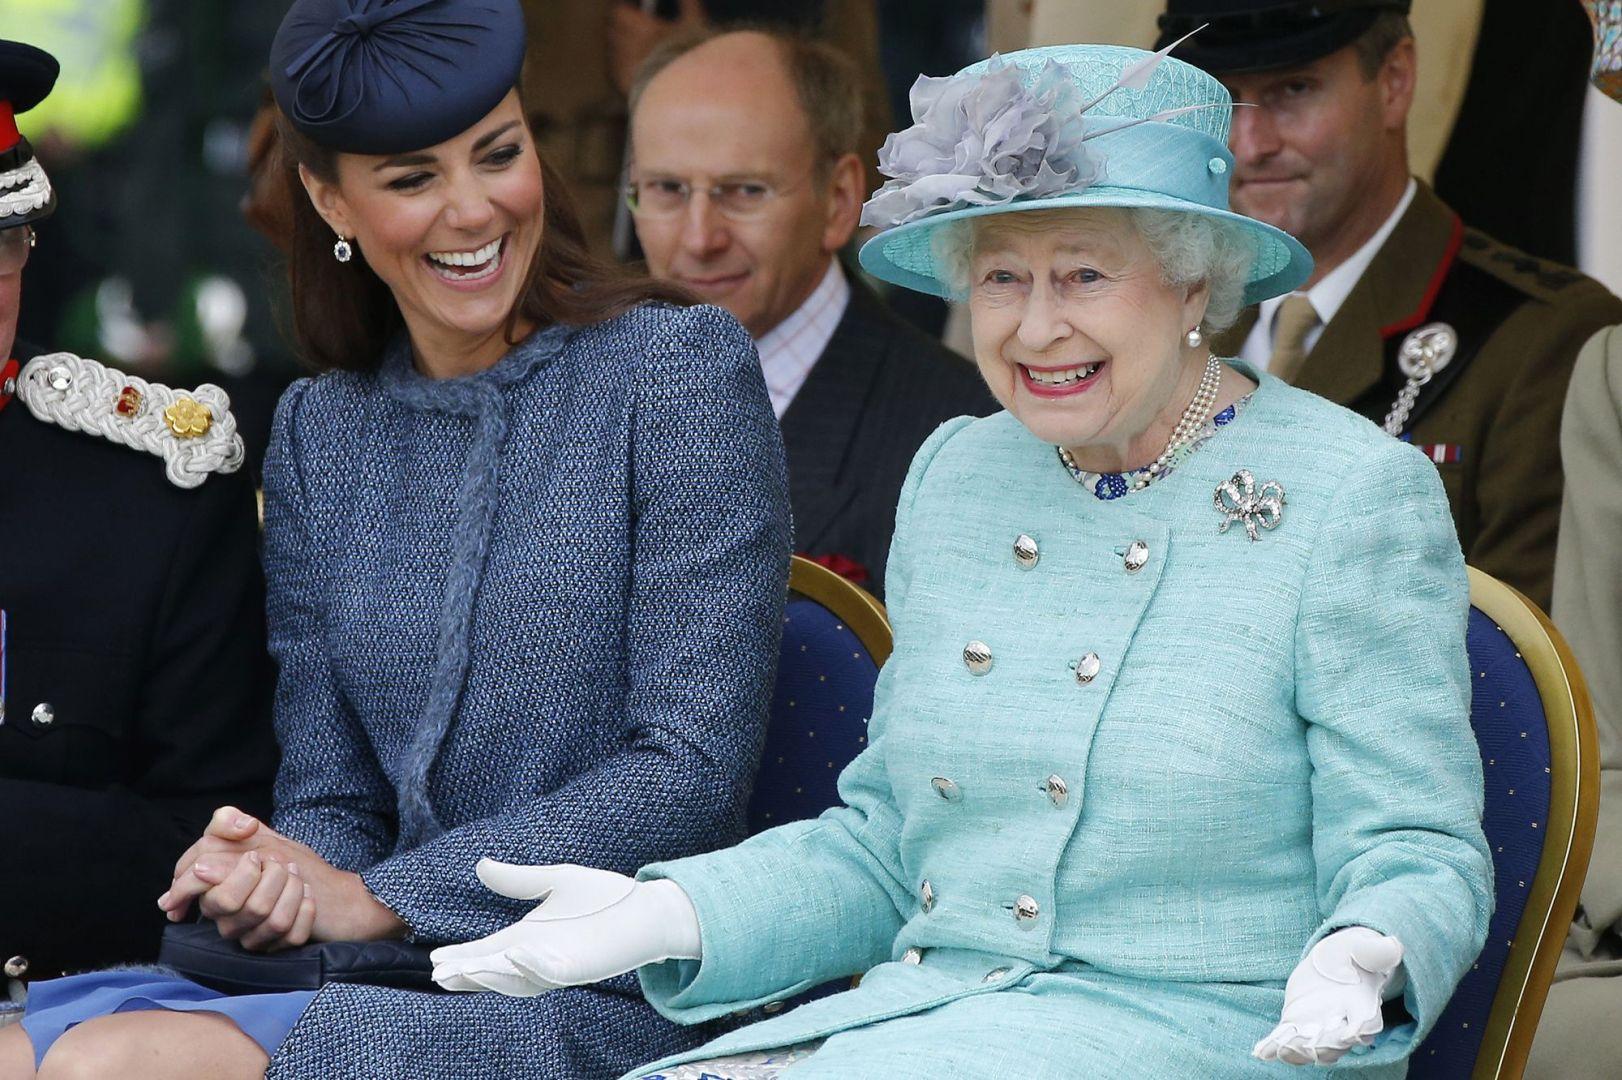 La reine d'Angleterre avec la princesse Kate Middleton, avenantes devant le grand public à Nottingham en 2012